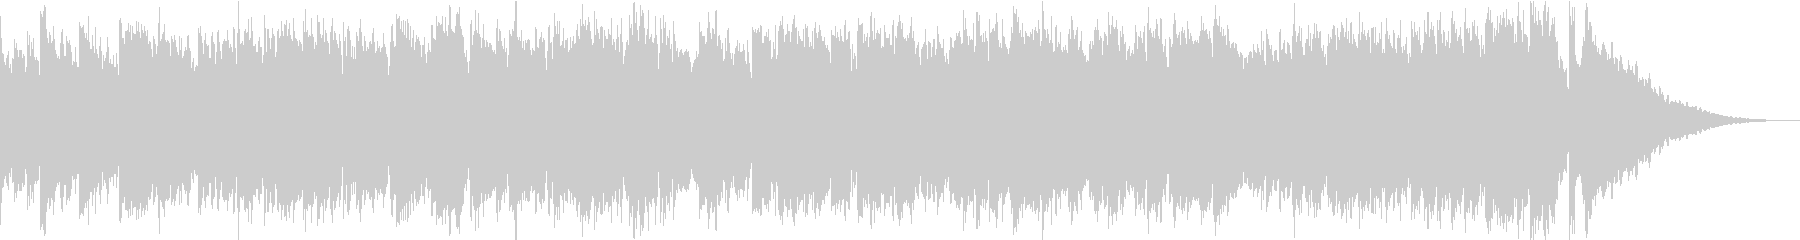 ビブラフォンによるメロウなワルツの未再生の波形